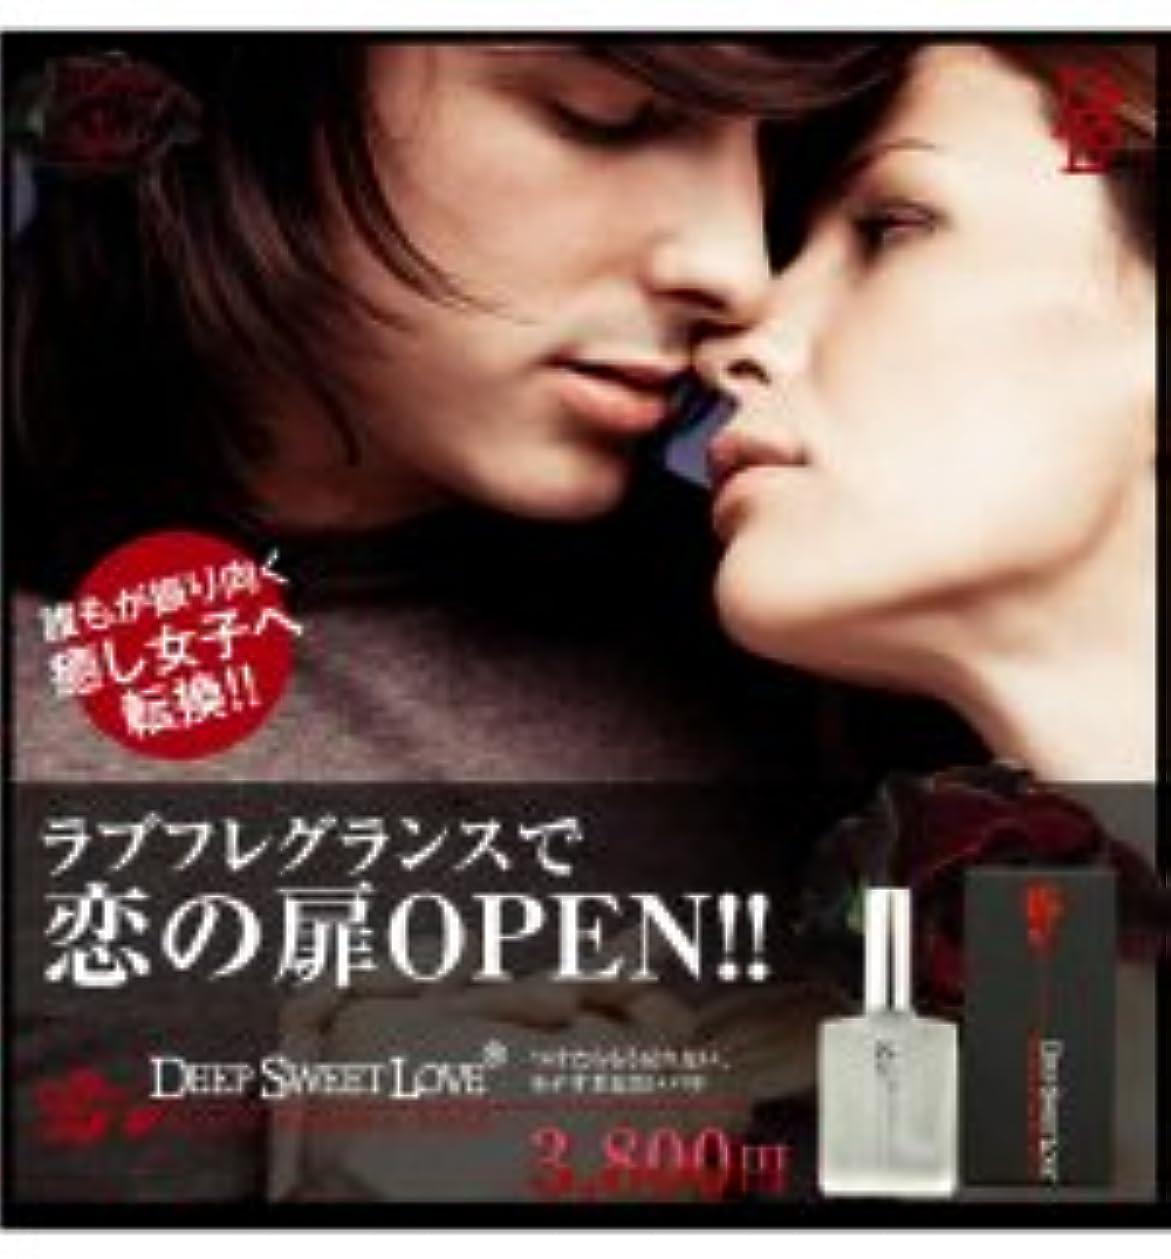 論文報告書ミトン3個セット ディープスイートラブ (DEEP SWEET LOVE)女性用フェロモン香水